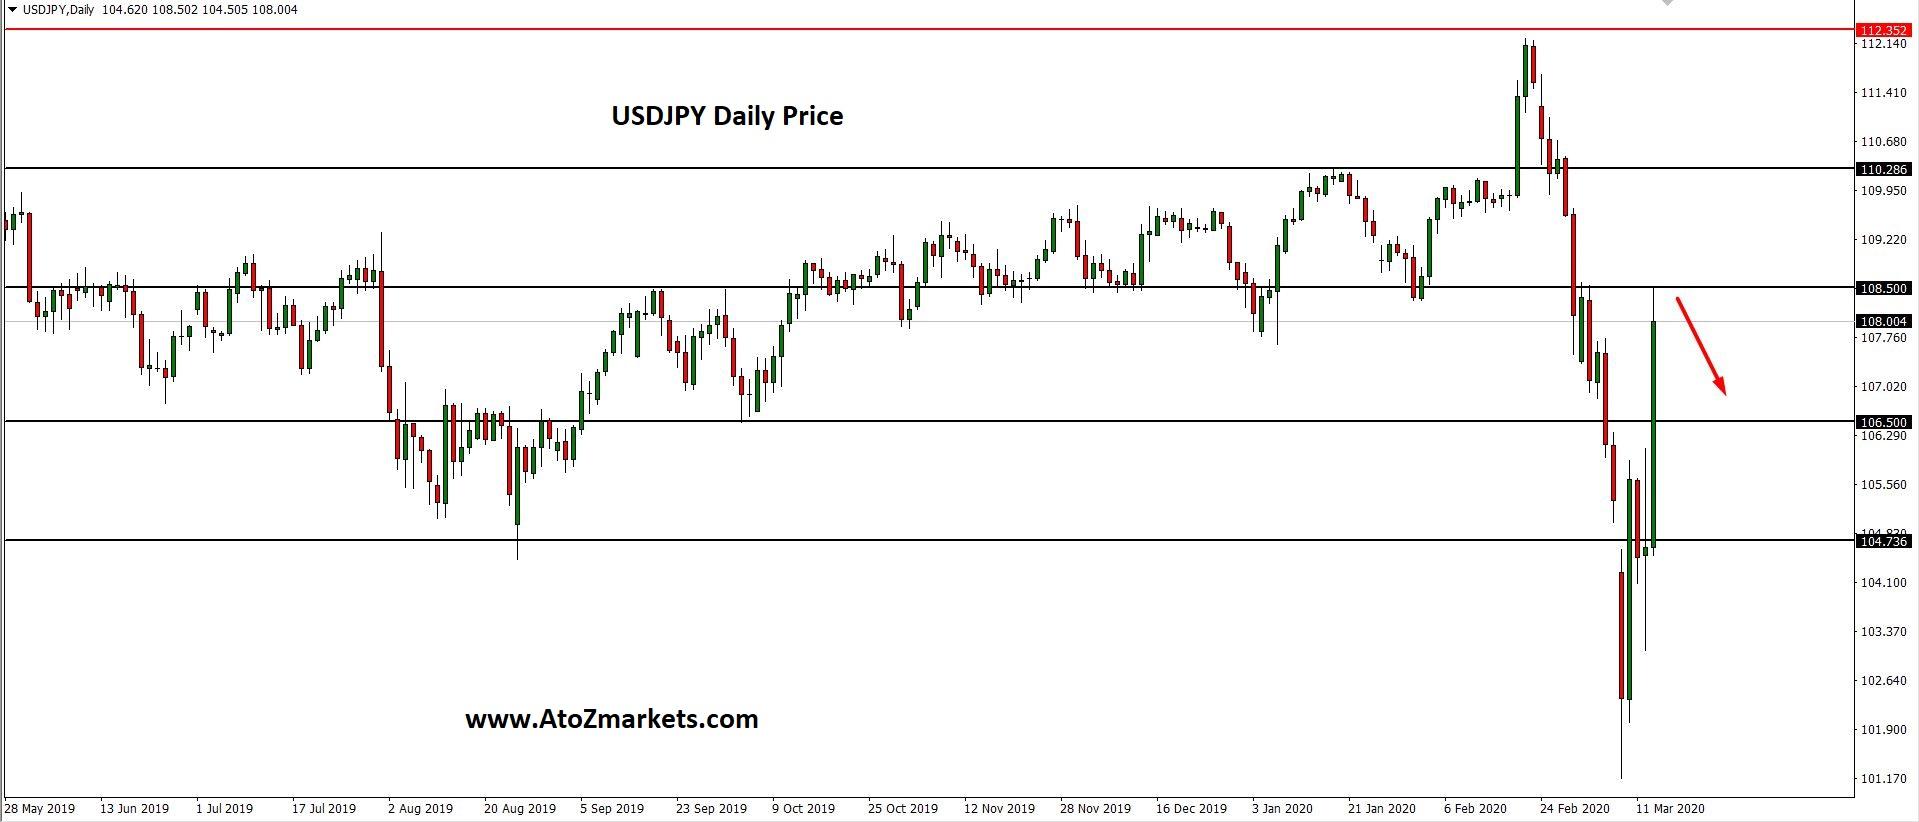 Pressure on the Fed and BoJ